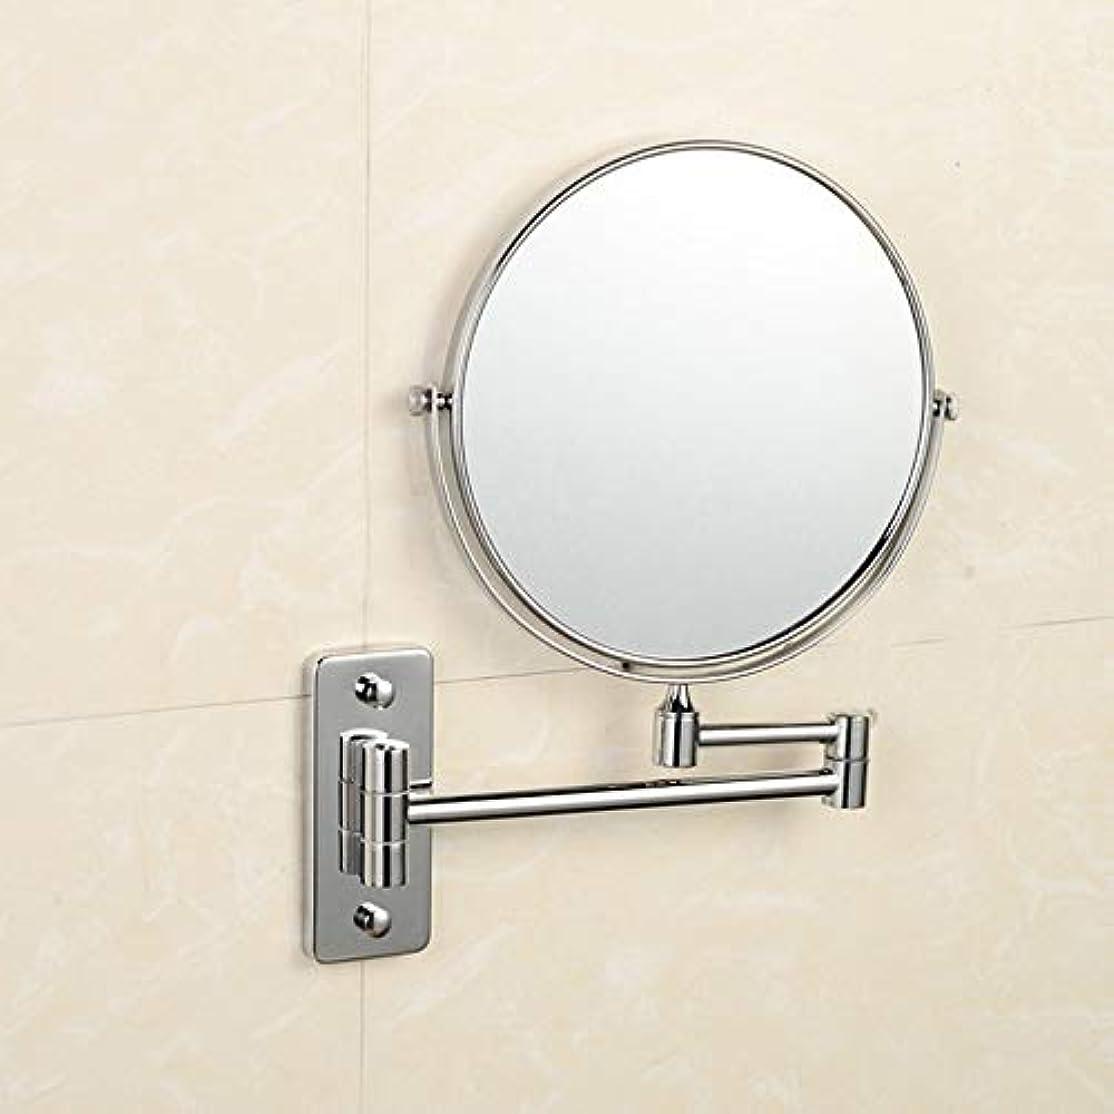 偽造壁紙行き当たりばったり流行の 銅浴室鏡折りたたみ伸縮性格人格美人表裏面360度回転壁掛け虫眼鏡ミラーシルバーホームビューティーミラー浴室